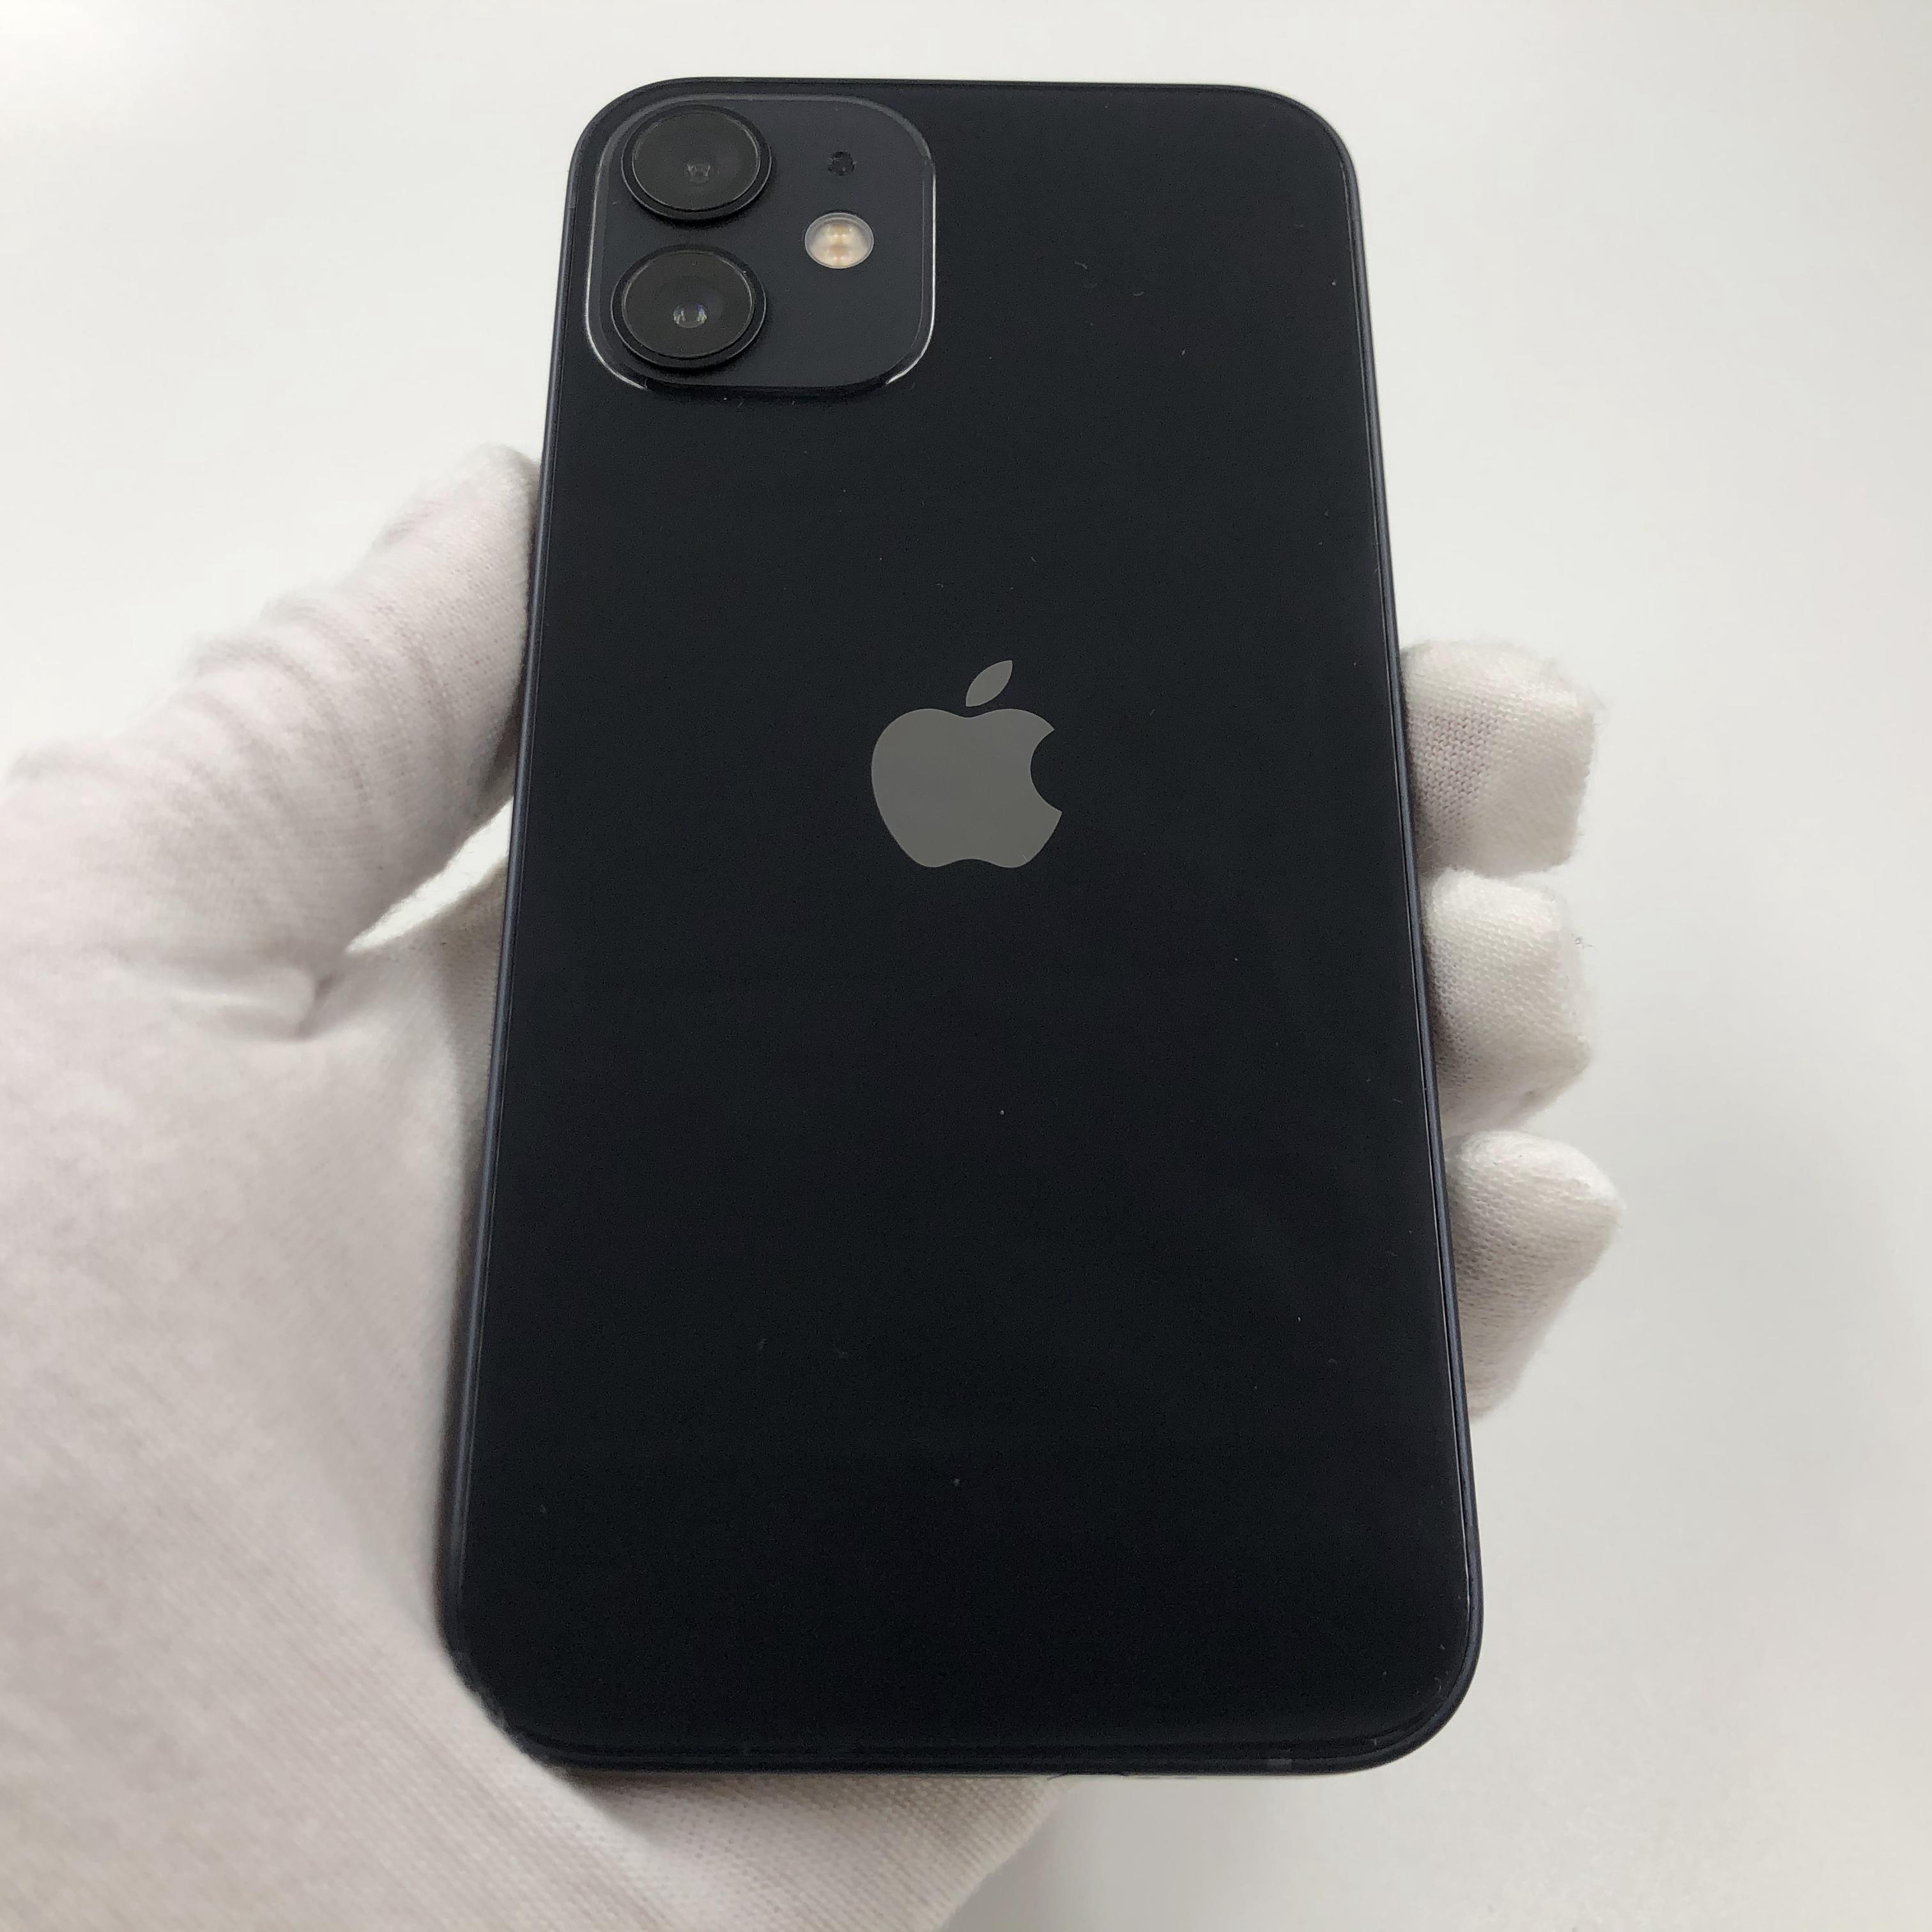 苹果【iPhone 12 mini】5G全网通 黑色 128G 国行 99新 真机实拍官保2021-11-13